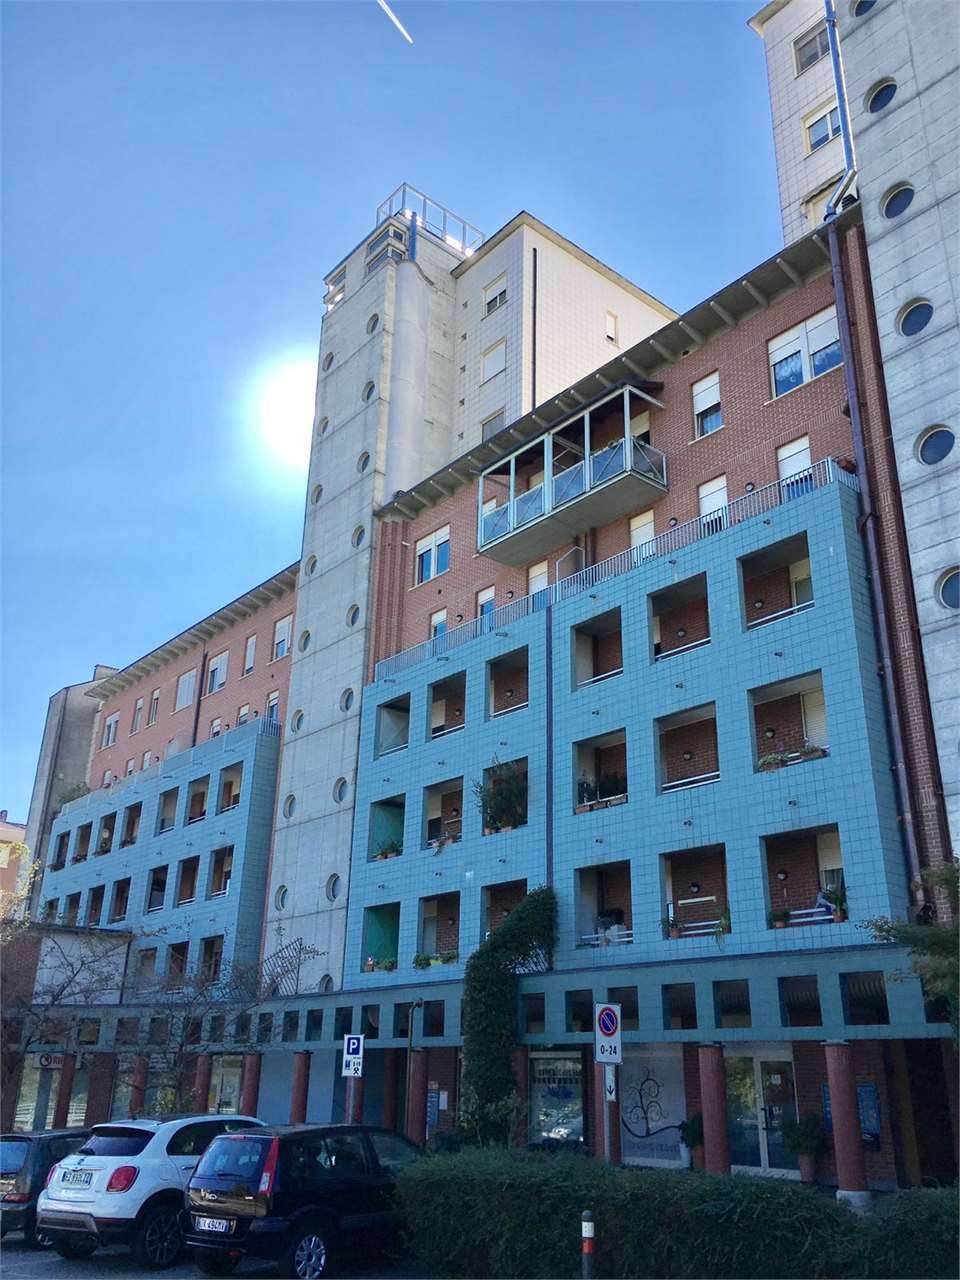 Vendita Case In Olanda appartamenti in vendita a verbania - casaspeciale.it